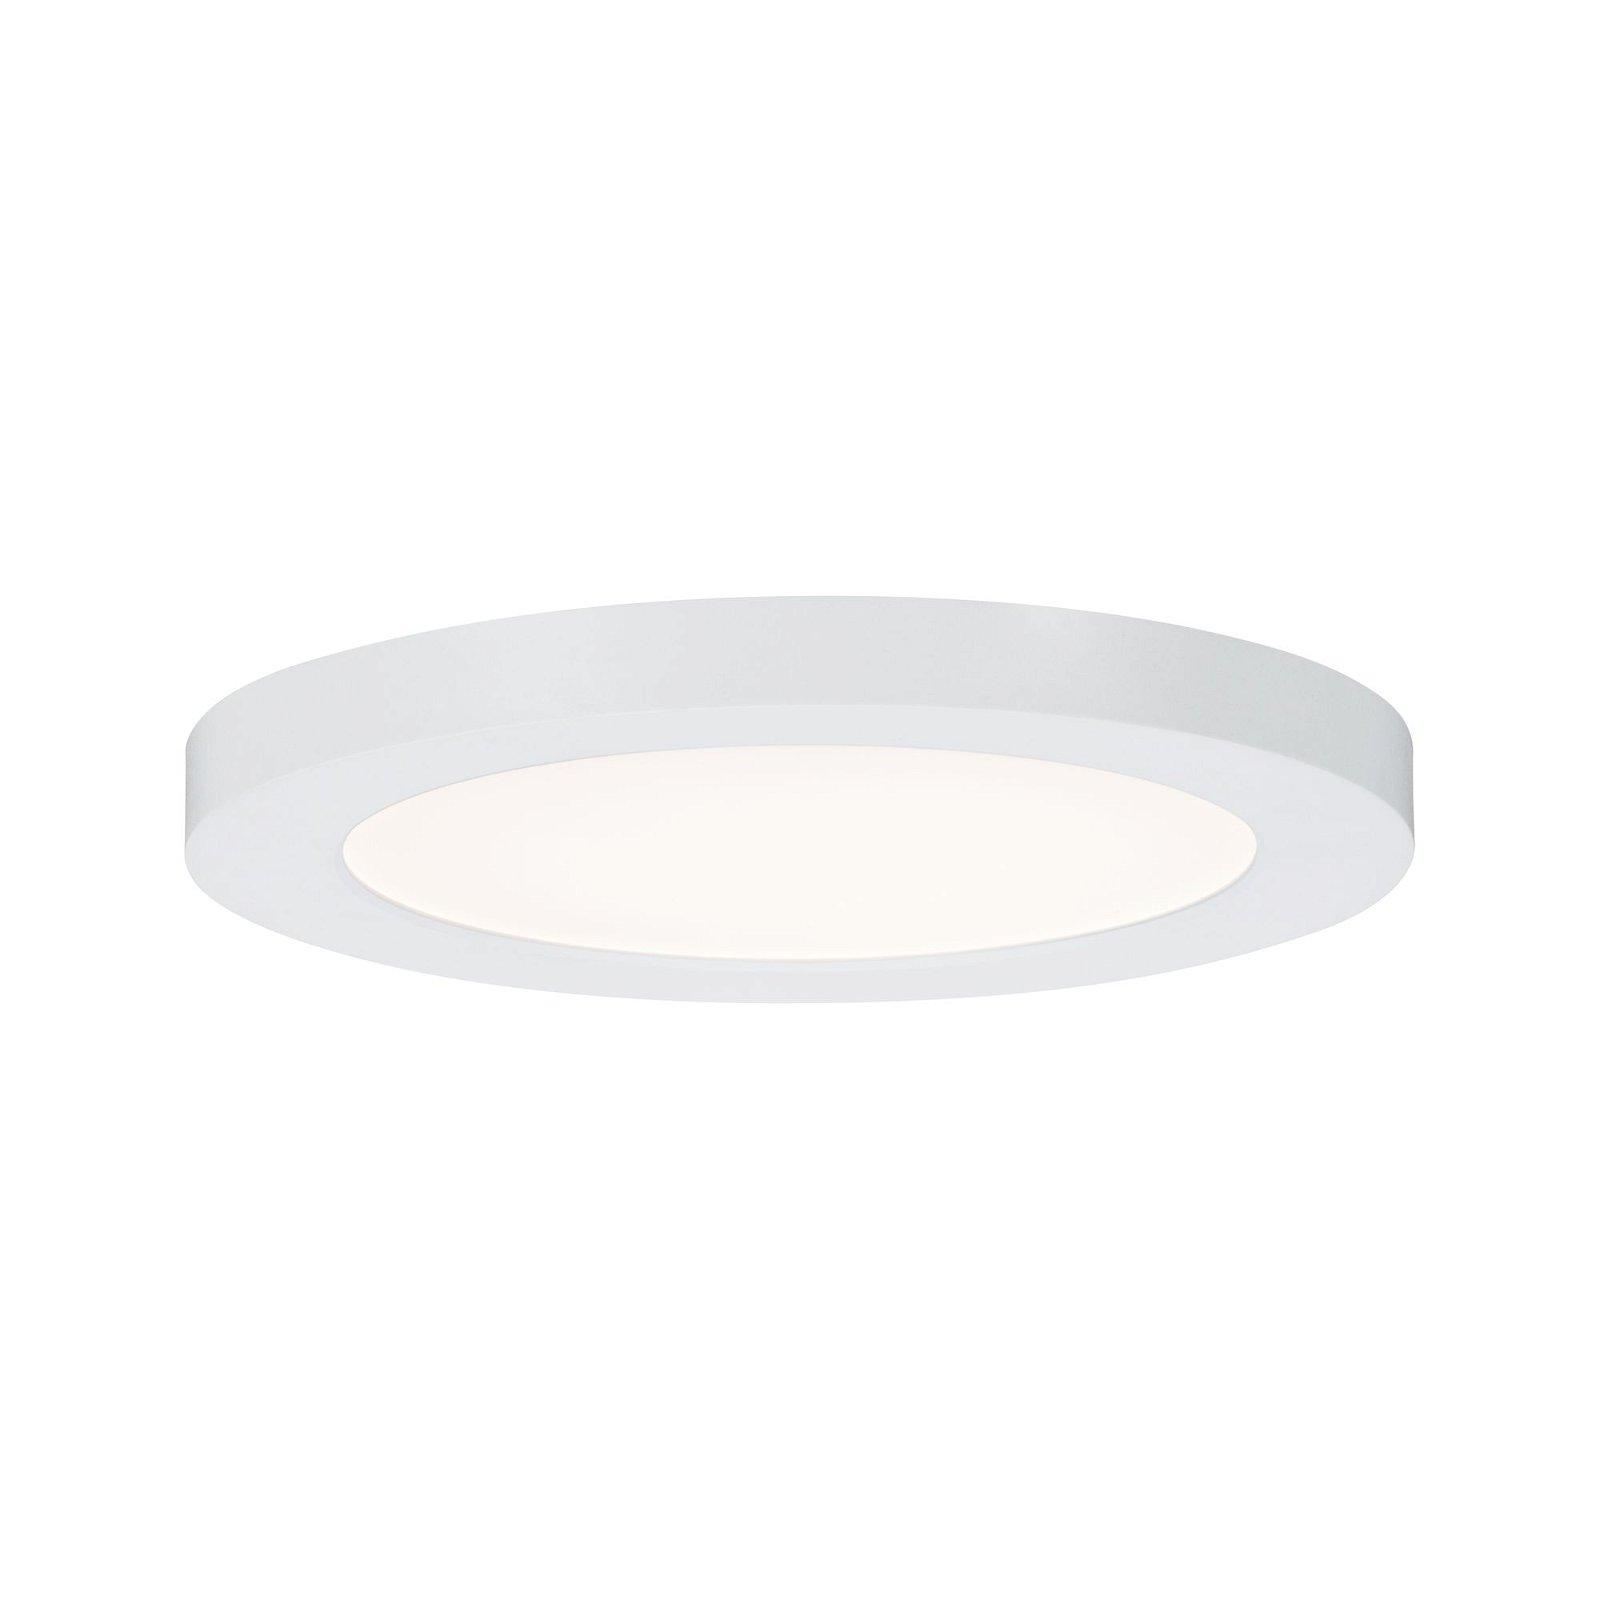 Panneau encastré LED Cover-it Promo rond 165mm 3000K Blanc dépoli